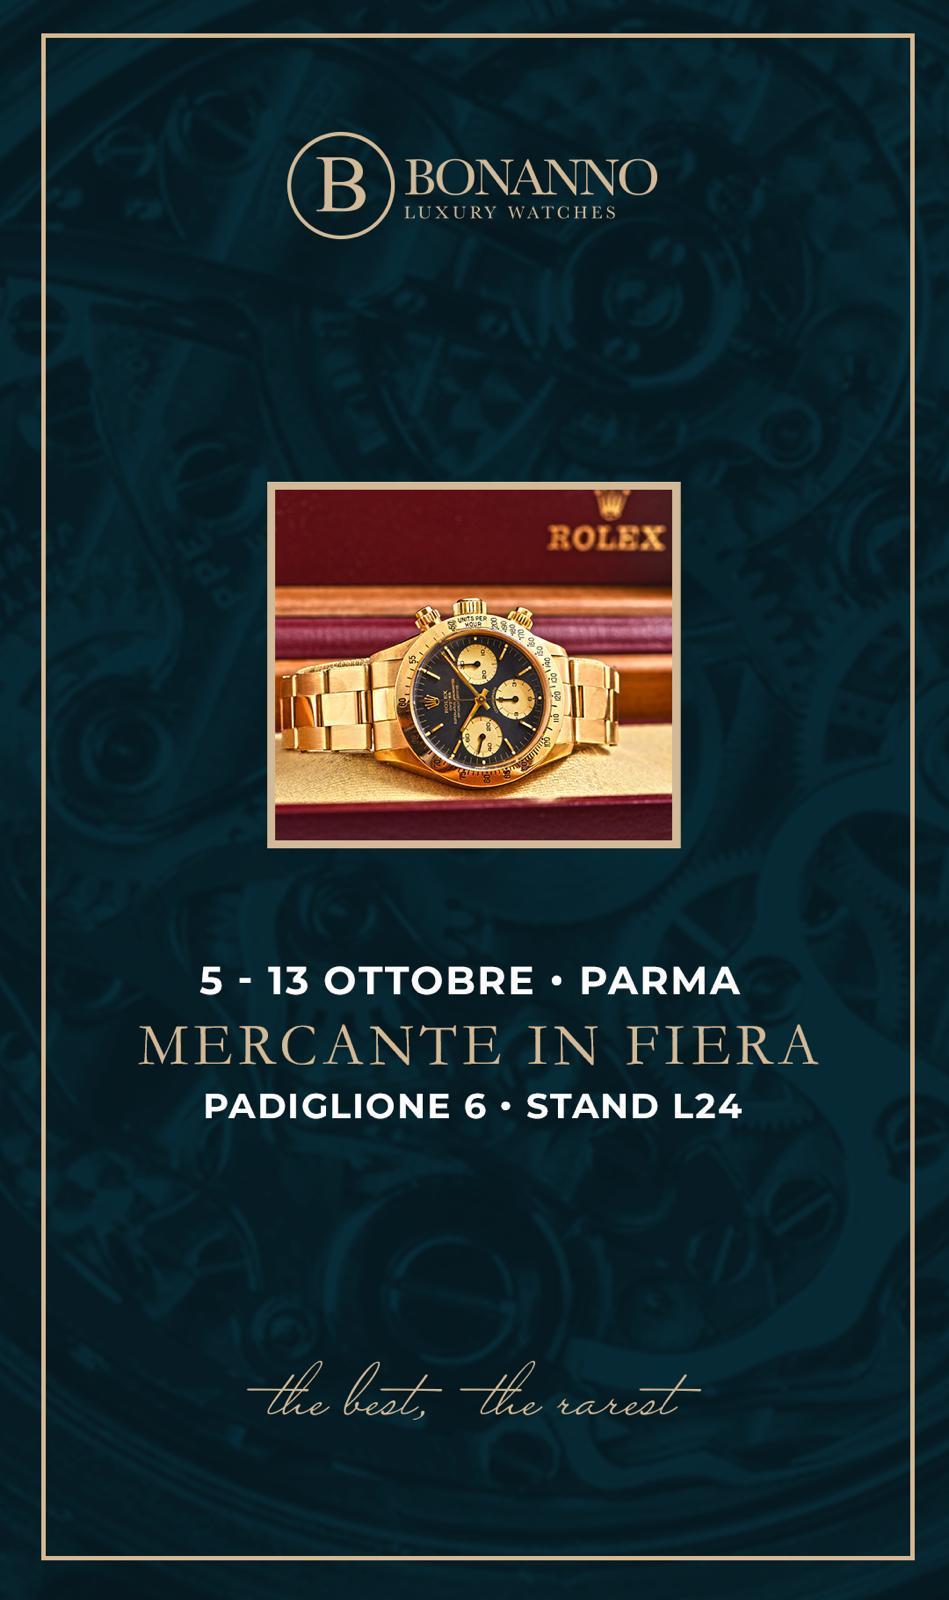 Bonanno Luxury Watches at Mercante in Fiera - MondaniWeb